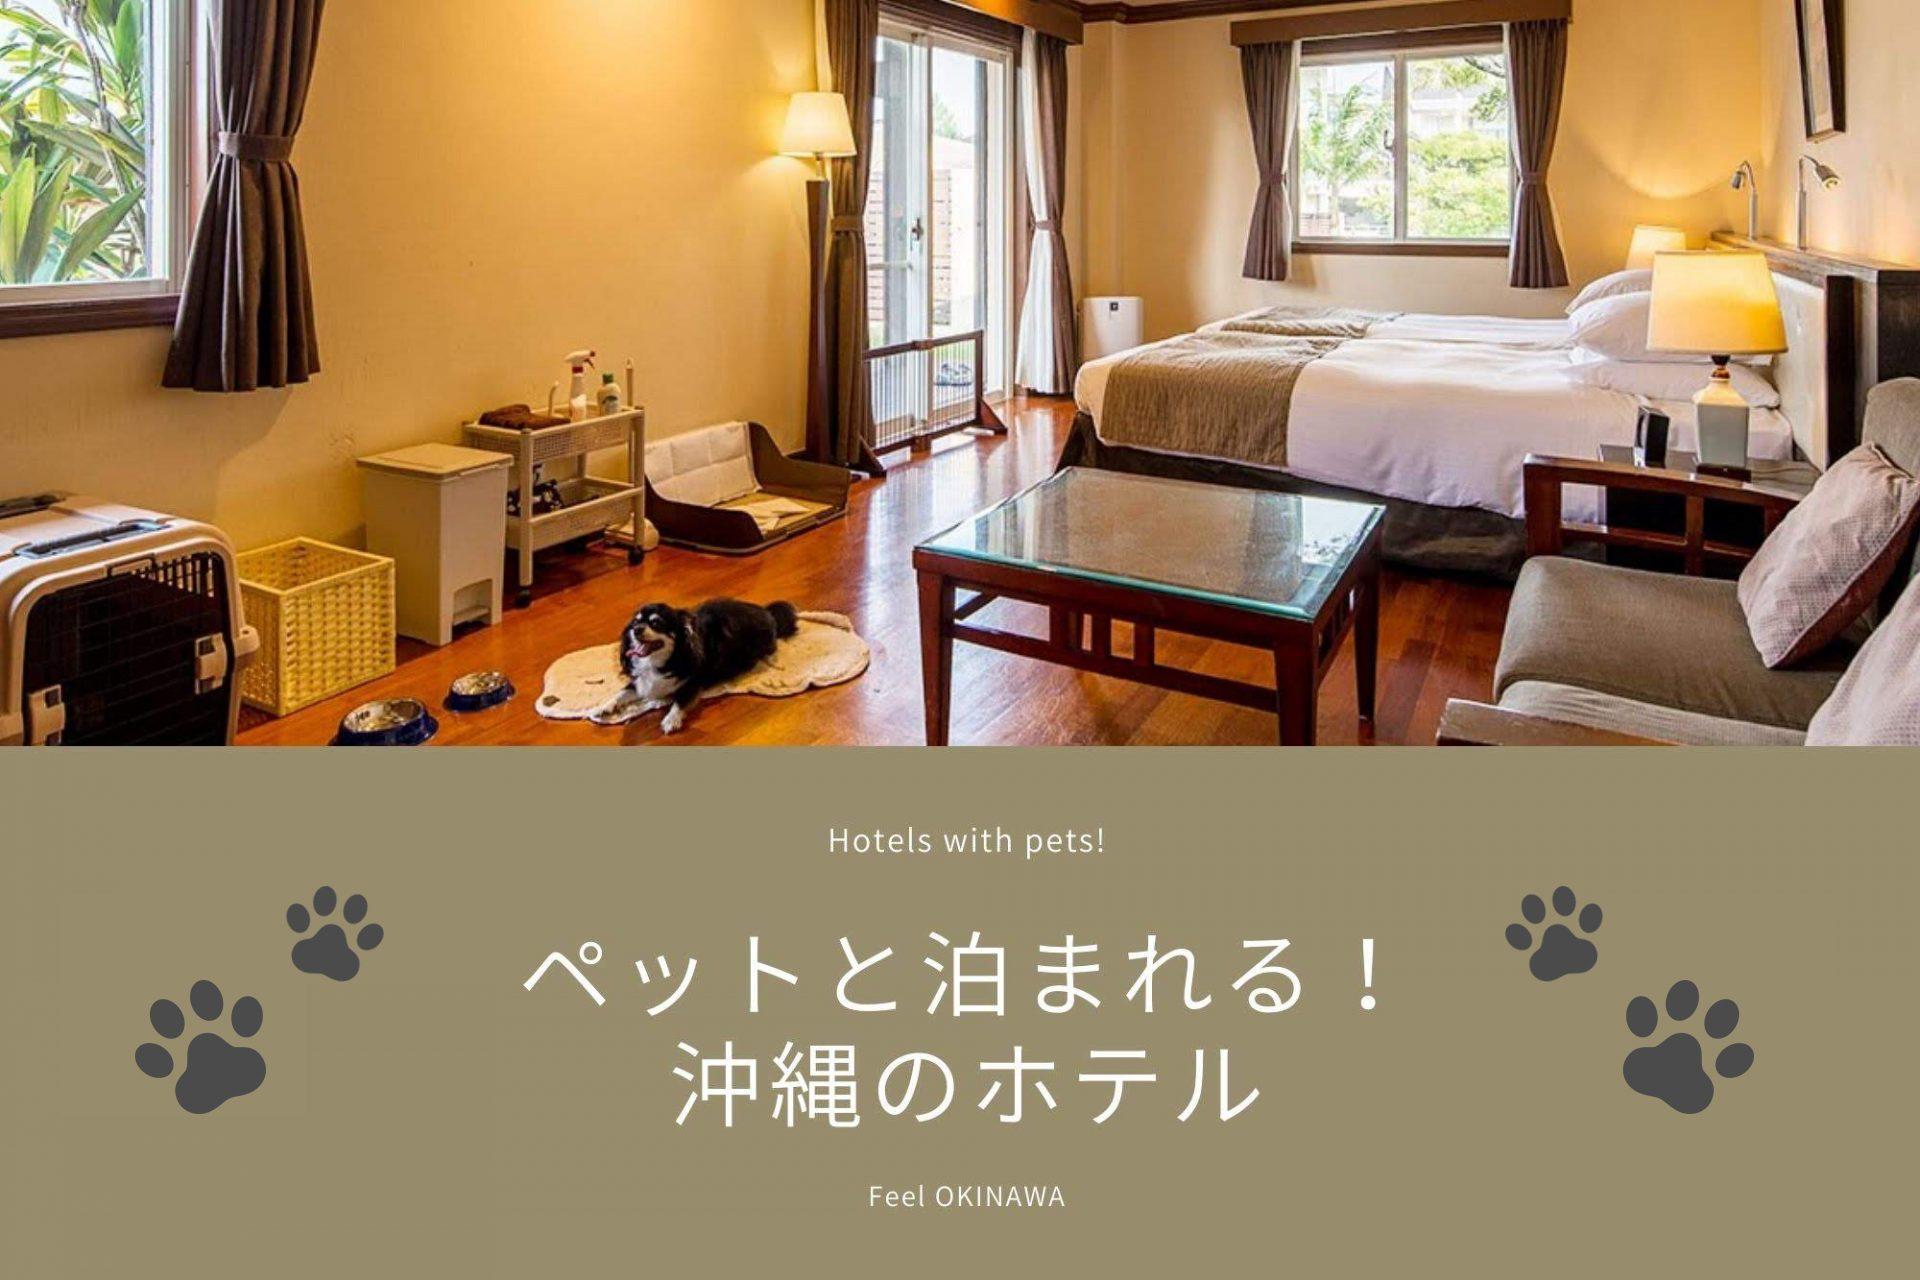 沖縄 ペット 可 ホテル